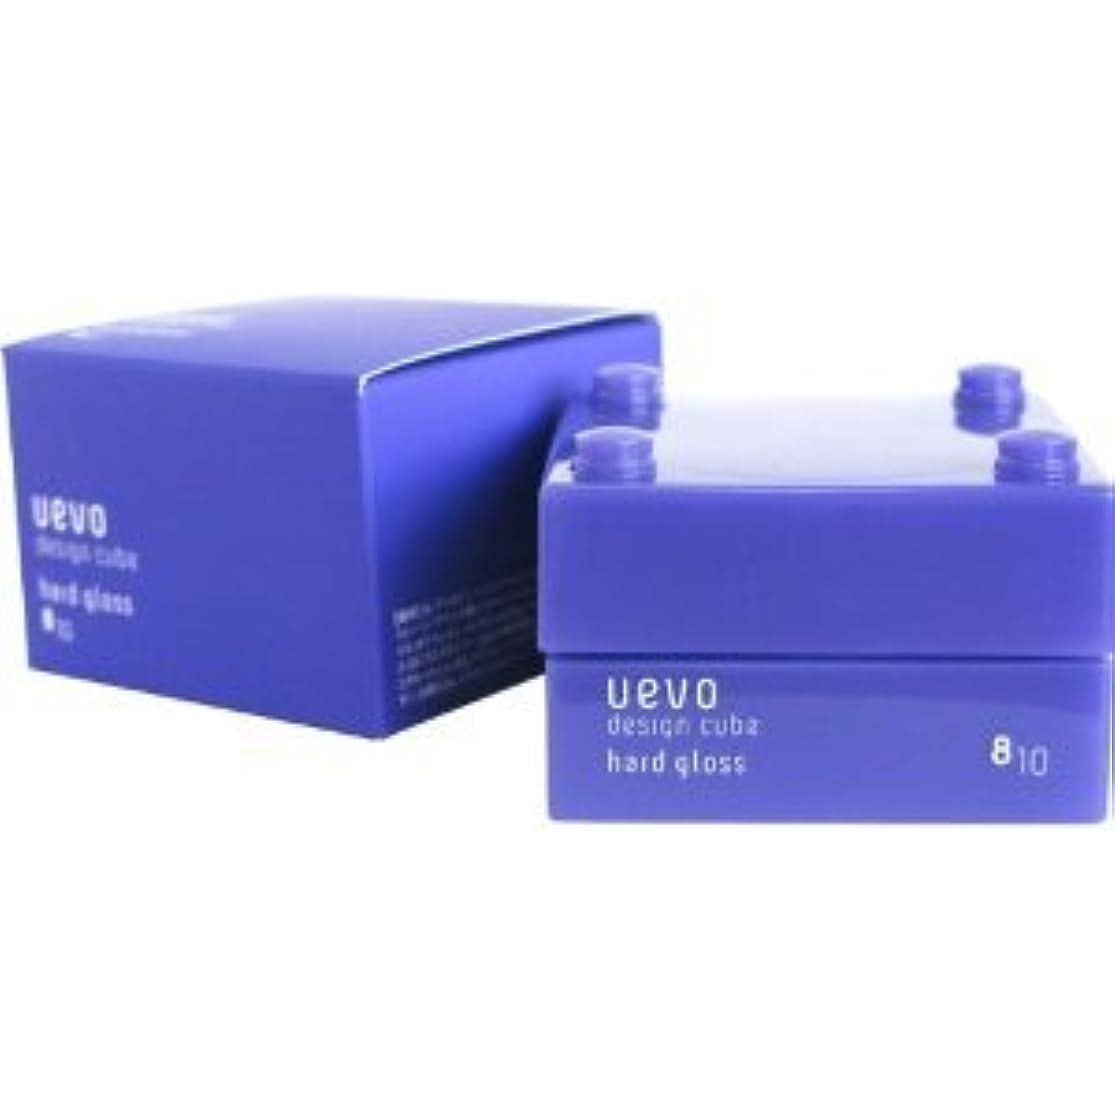 アライメントサイバースペースベスビオ山【X2個セット】 デミ ウェーボ デザインキューブ ハードグロス 30g hard gloss DEMI uevo design cube